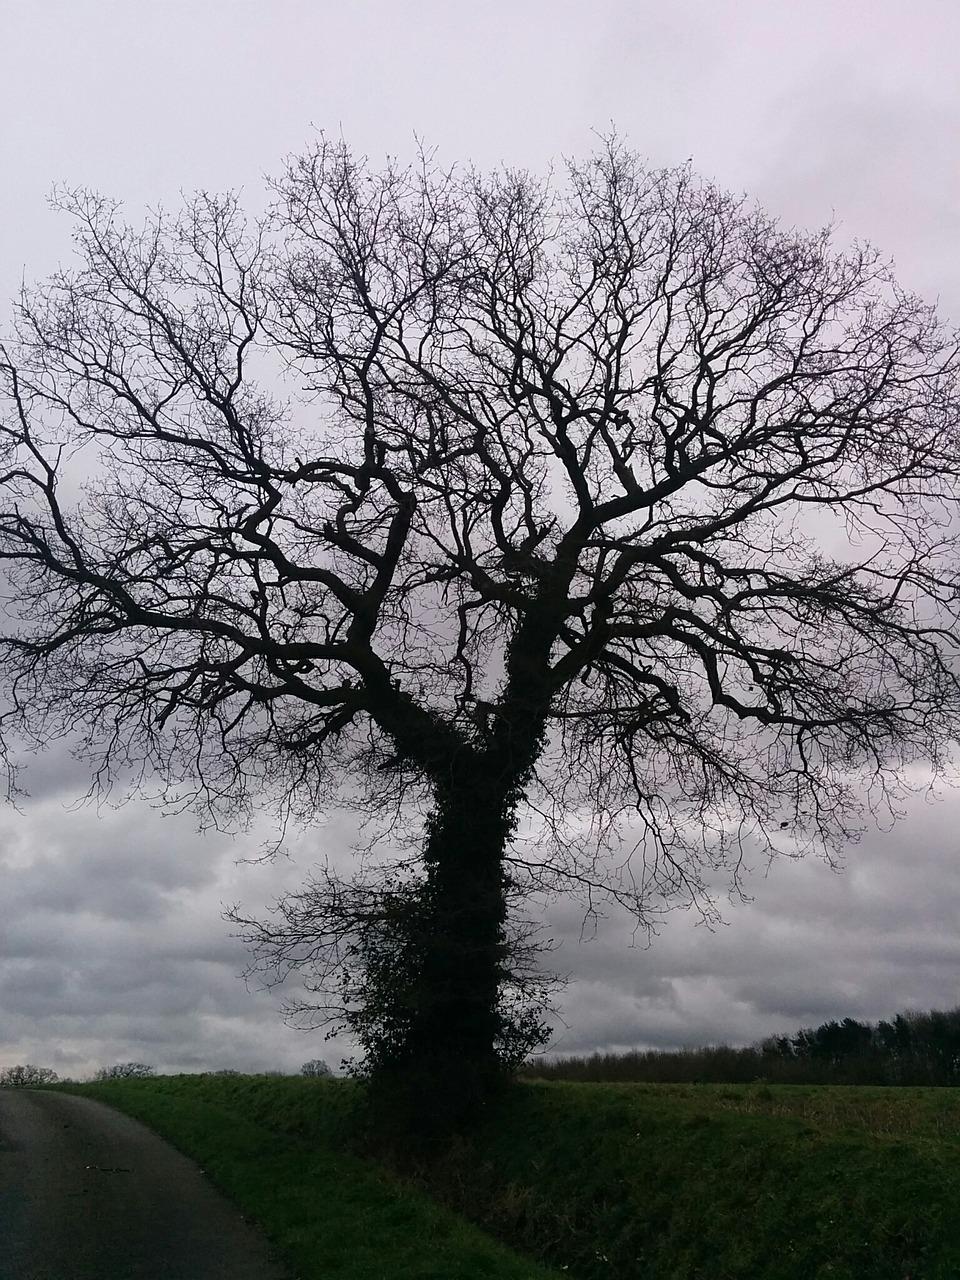 ведь дерево без листвы фото абсолютно